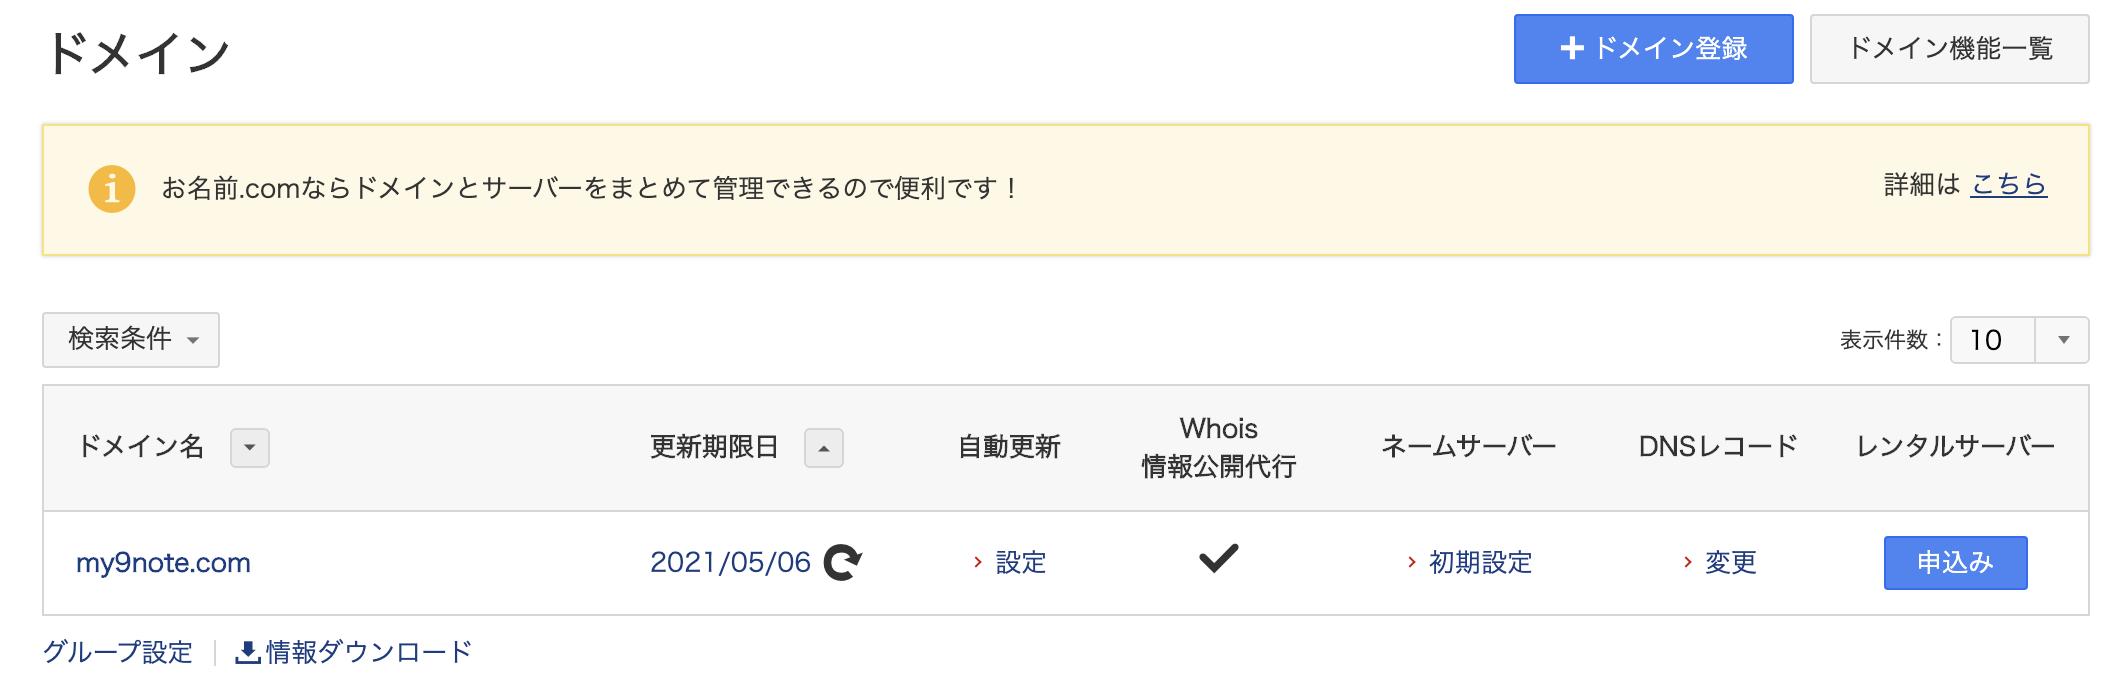 スクリーンショット 2020-05-07 1.01.30